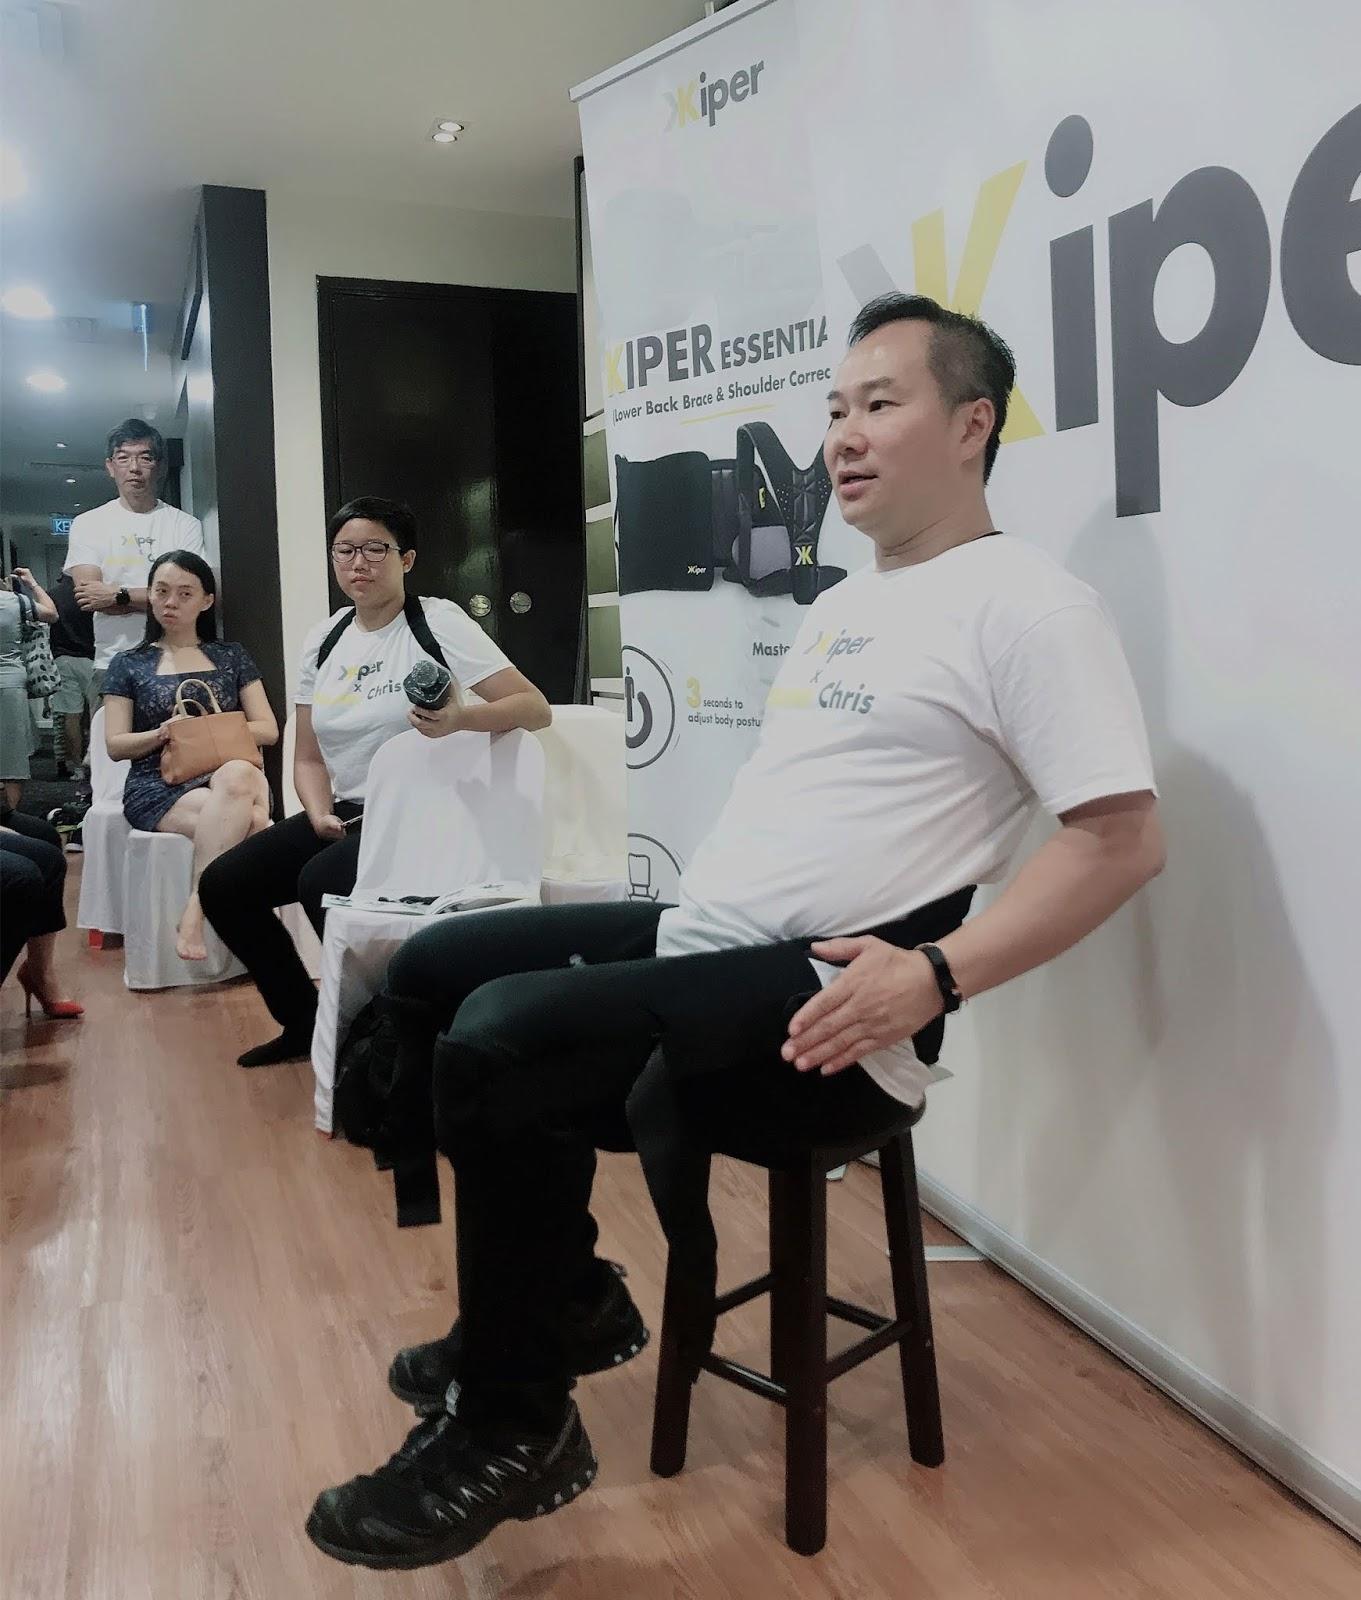 保健】Kiper X Chris Leong 你的背部、腰骨、肩膀疼救星– Kiper